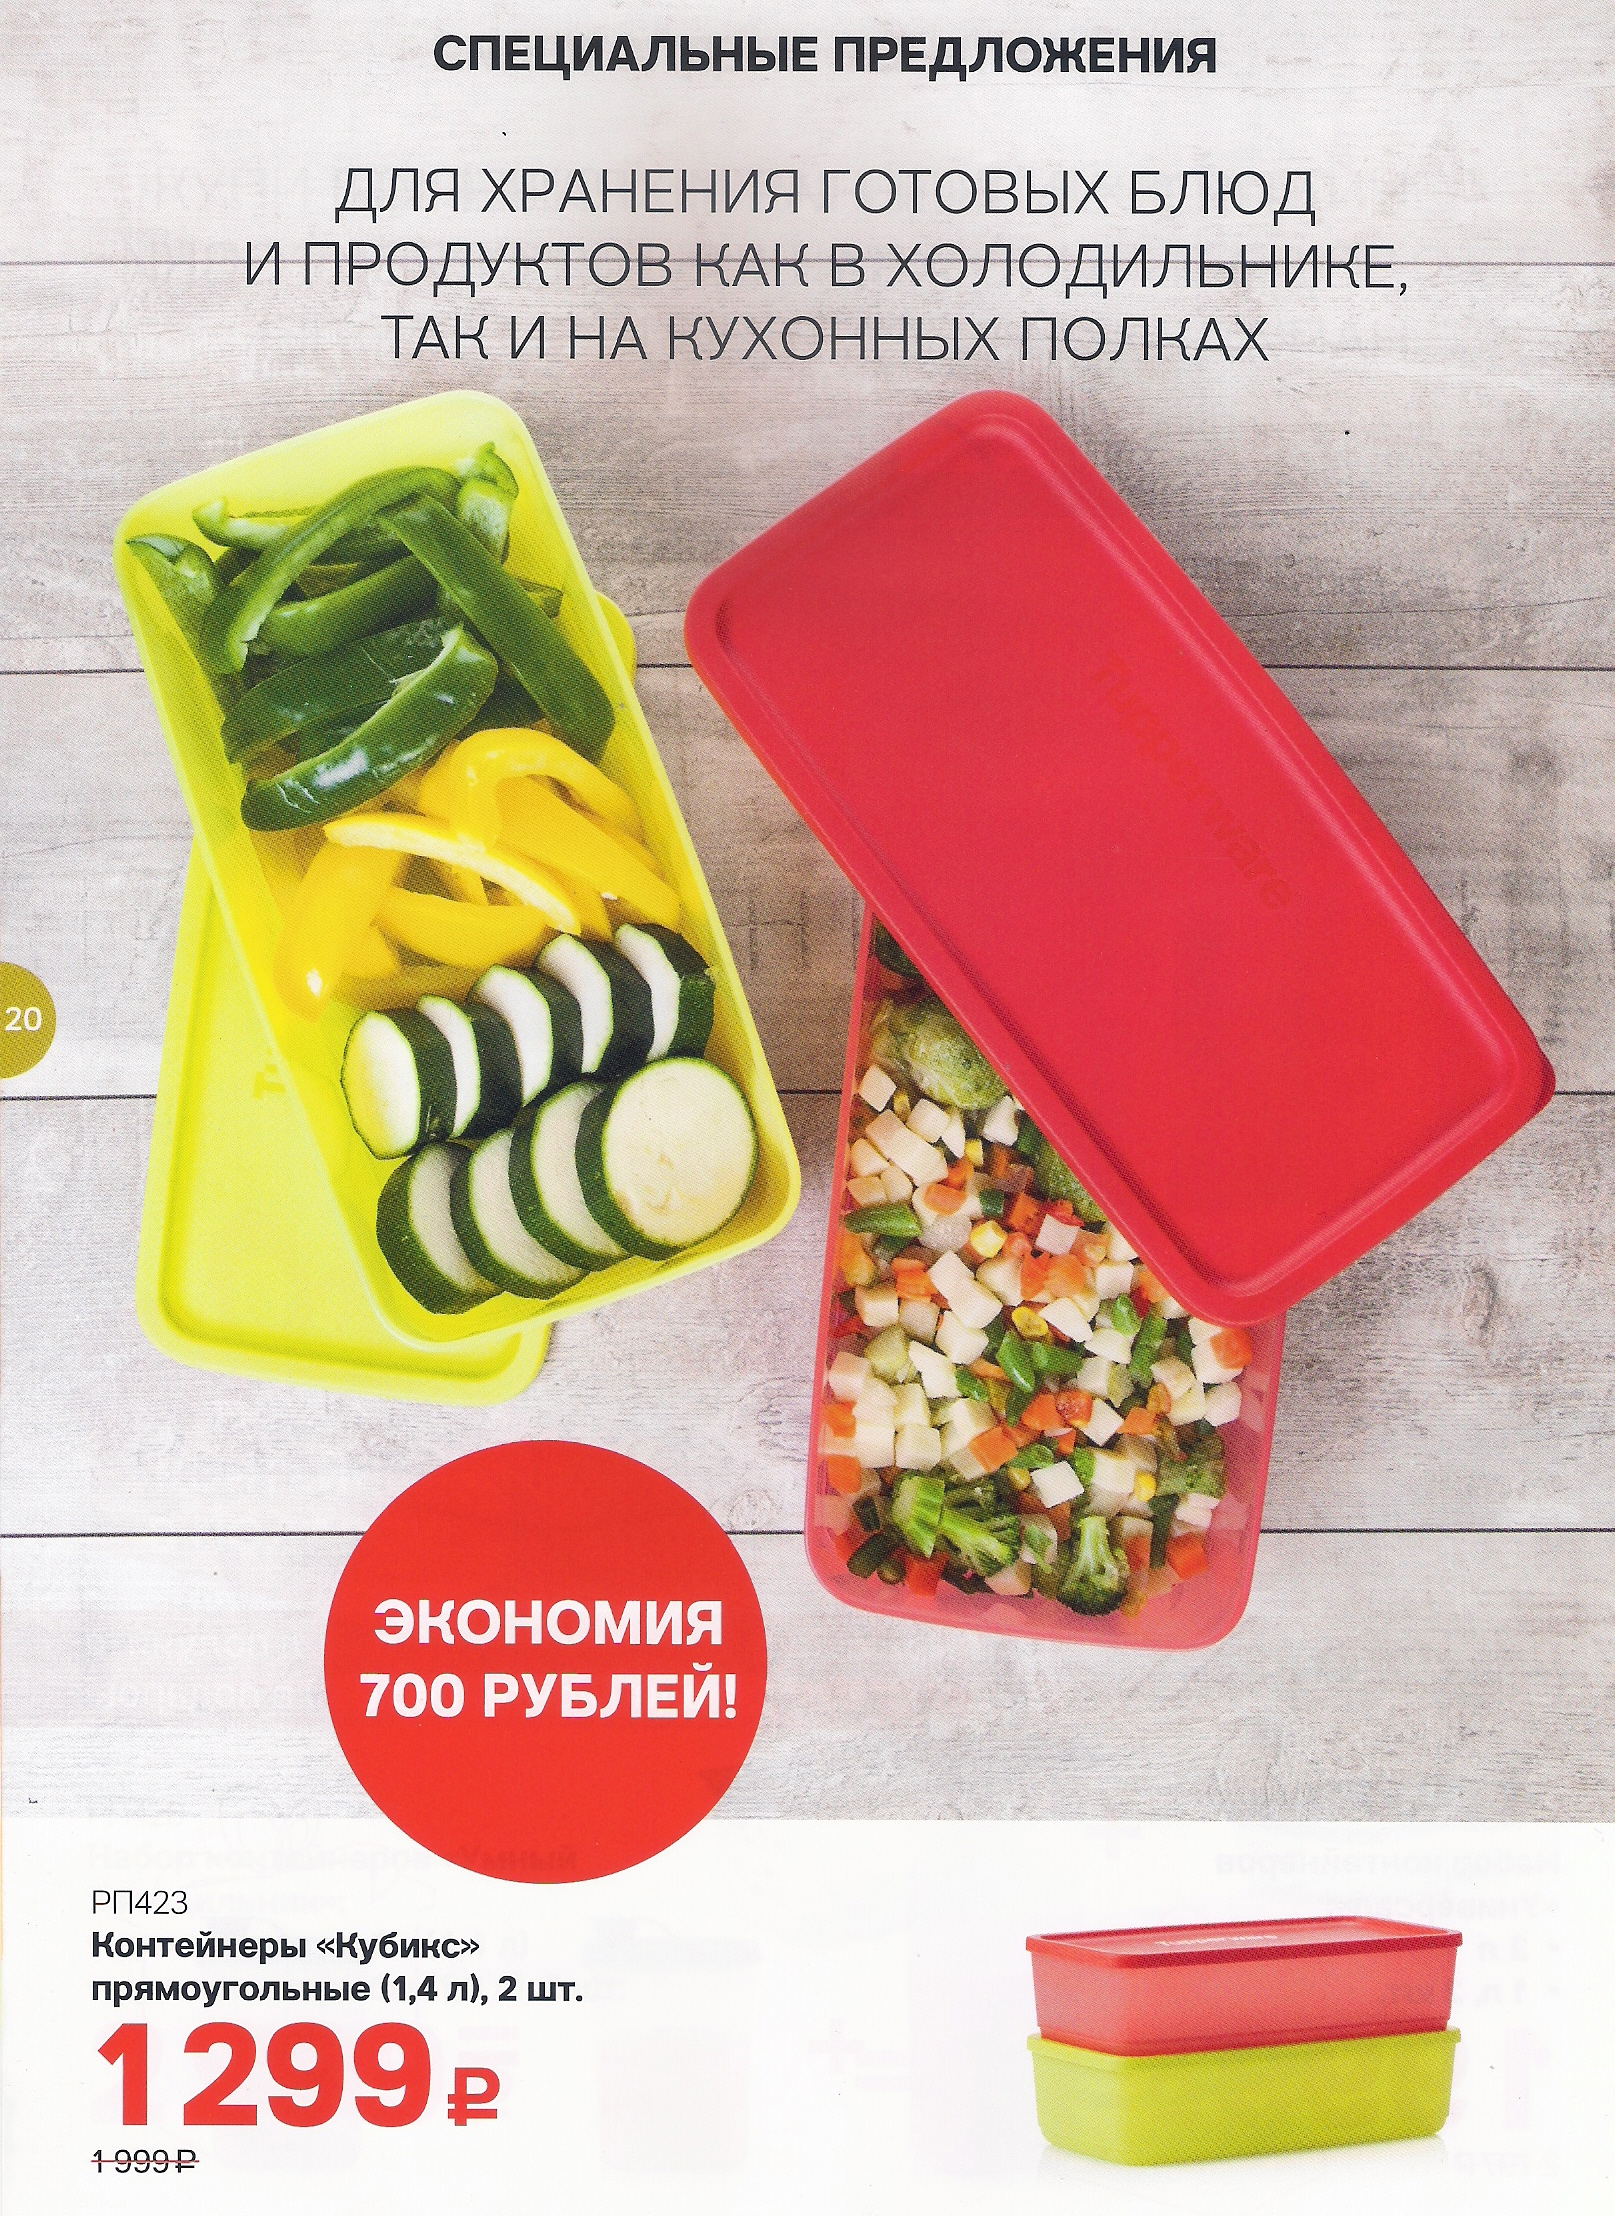 http://tupperware-online.ru/images/upload/18p.jpg